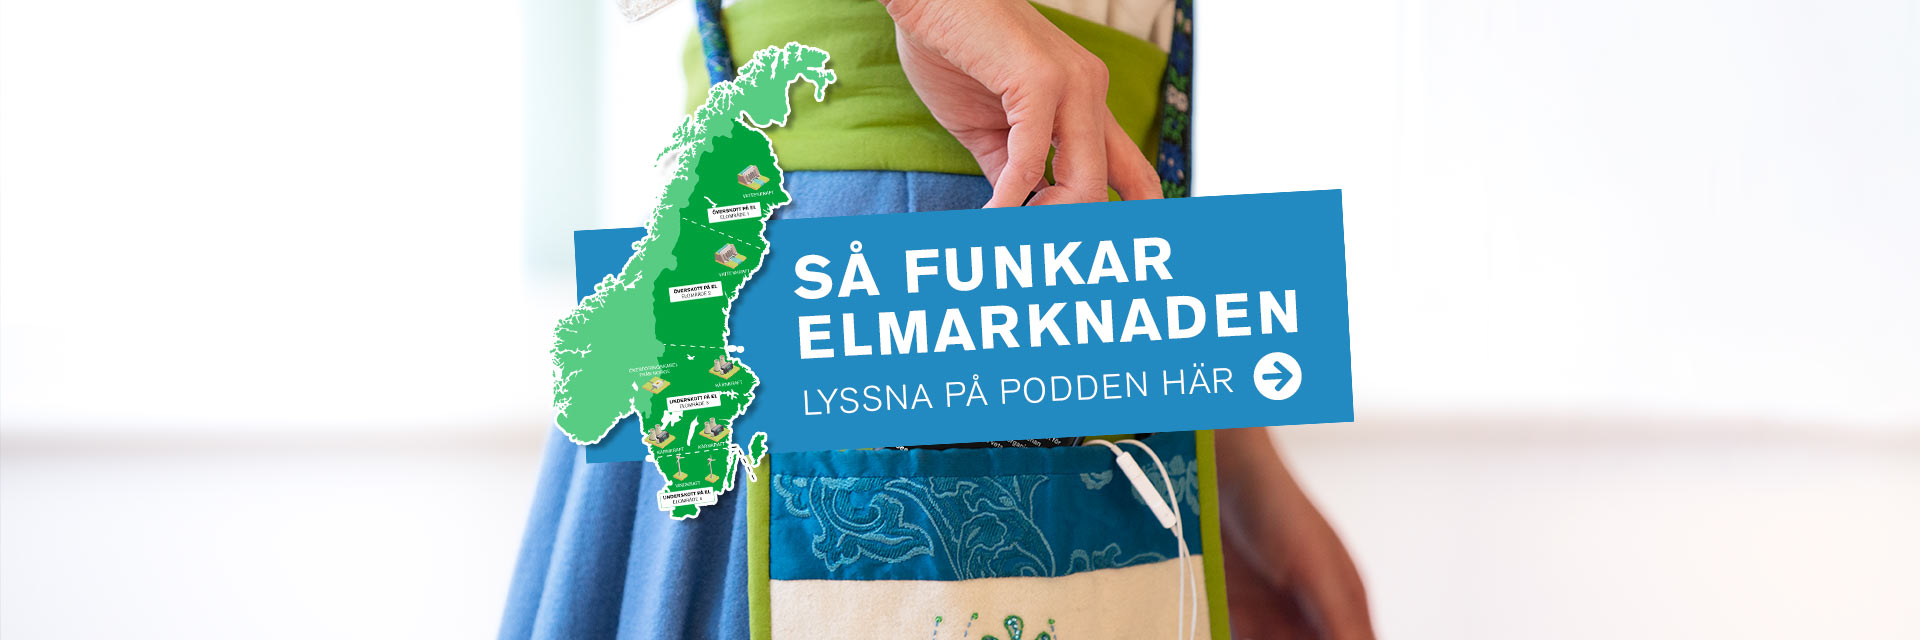 Så funkar Sveriges elmarknad